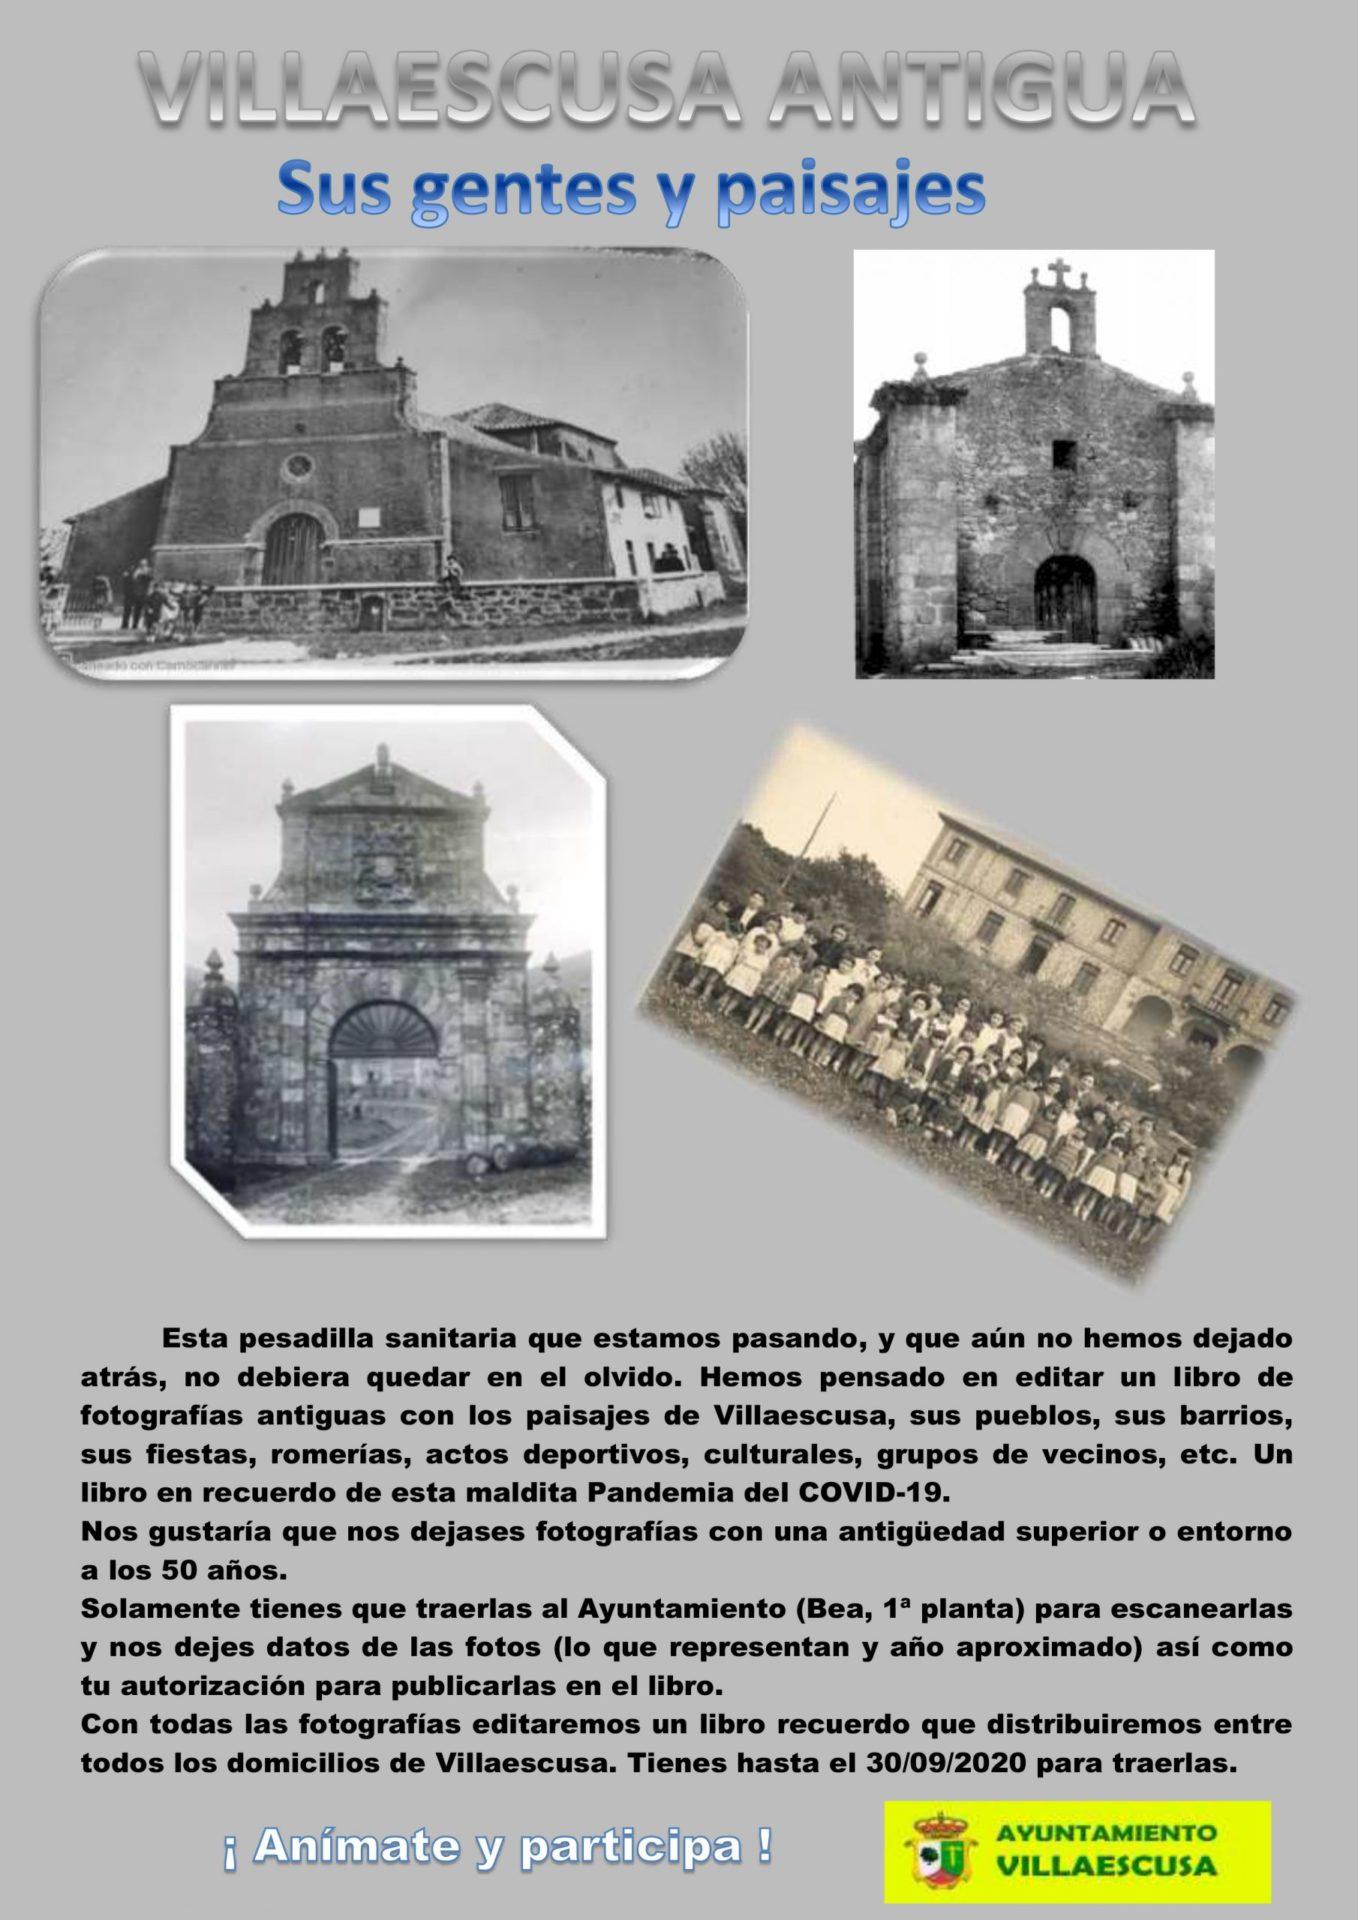 Cartel Villaescusa antigua